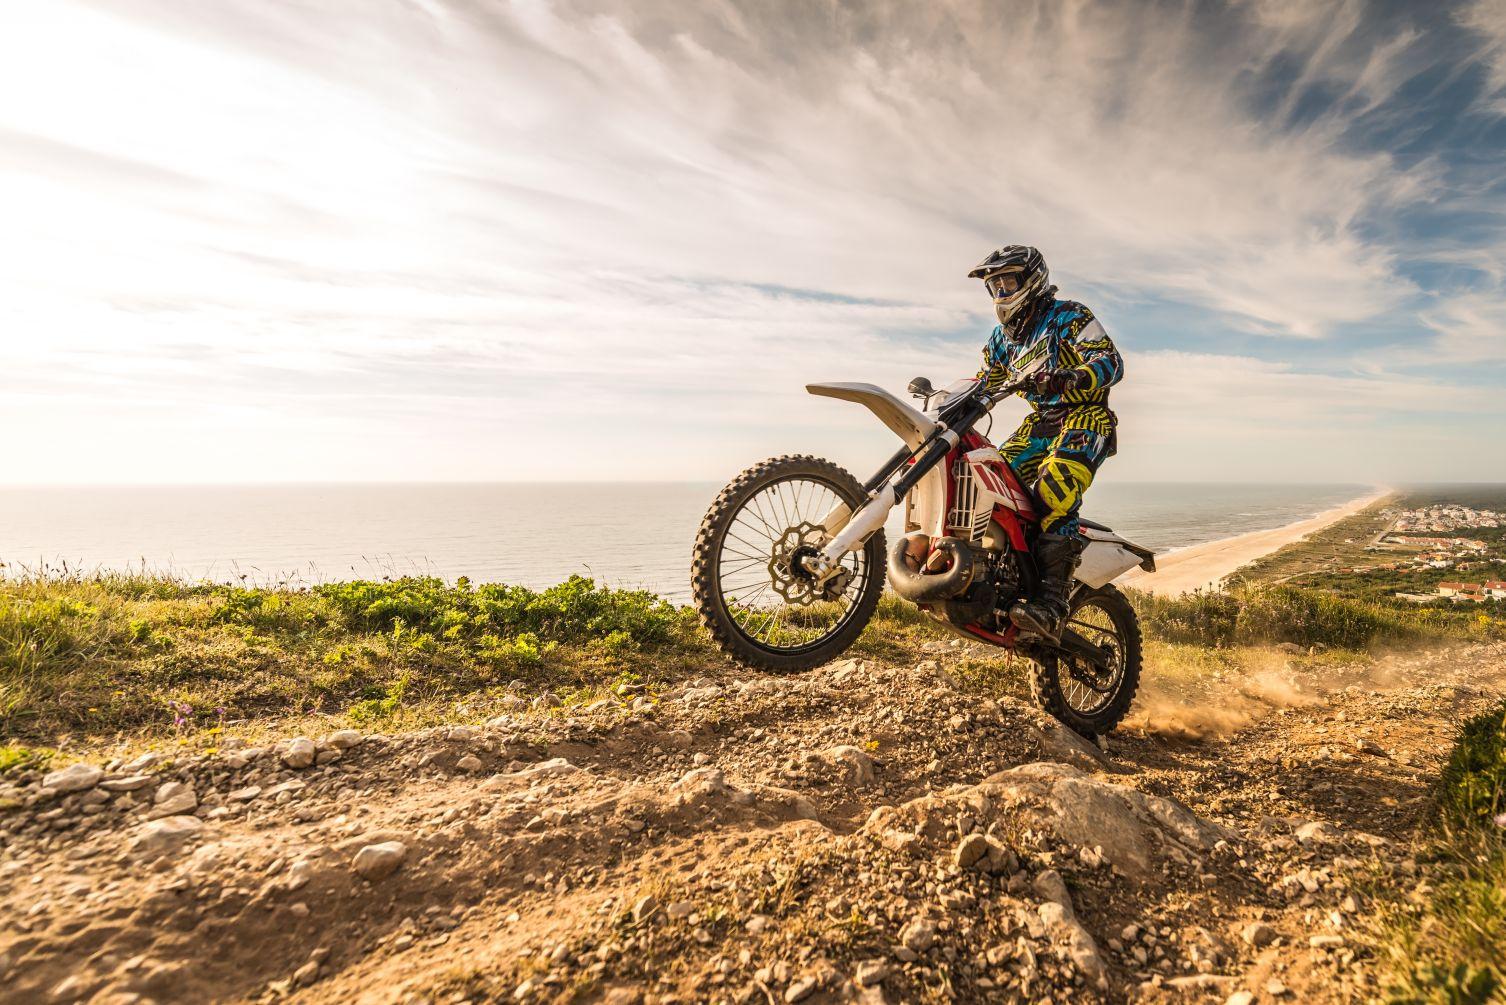 assurance motocross quebec